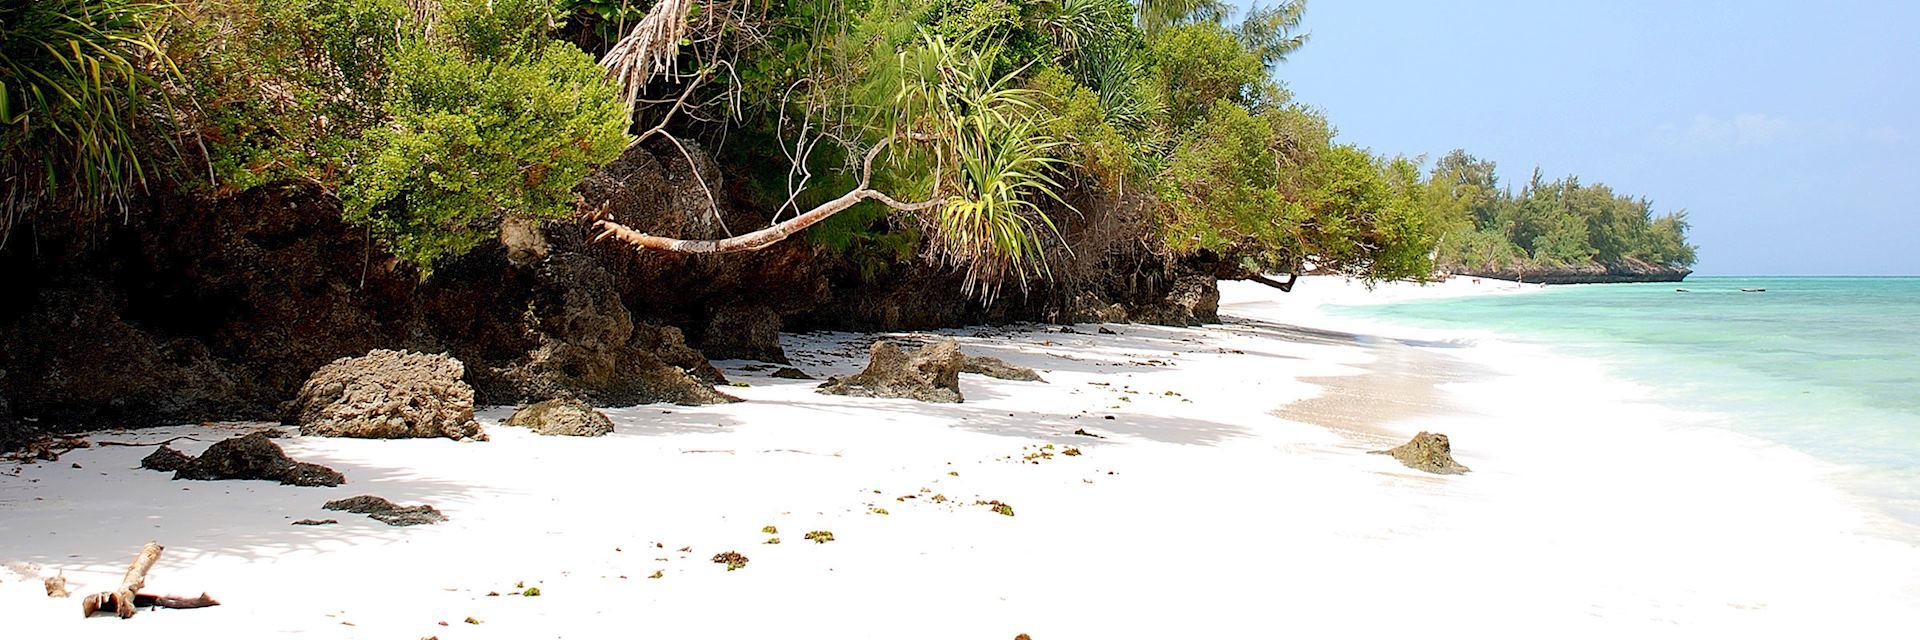 Pemba island, Zanzibar Archipelago